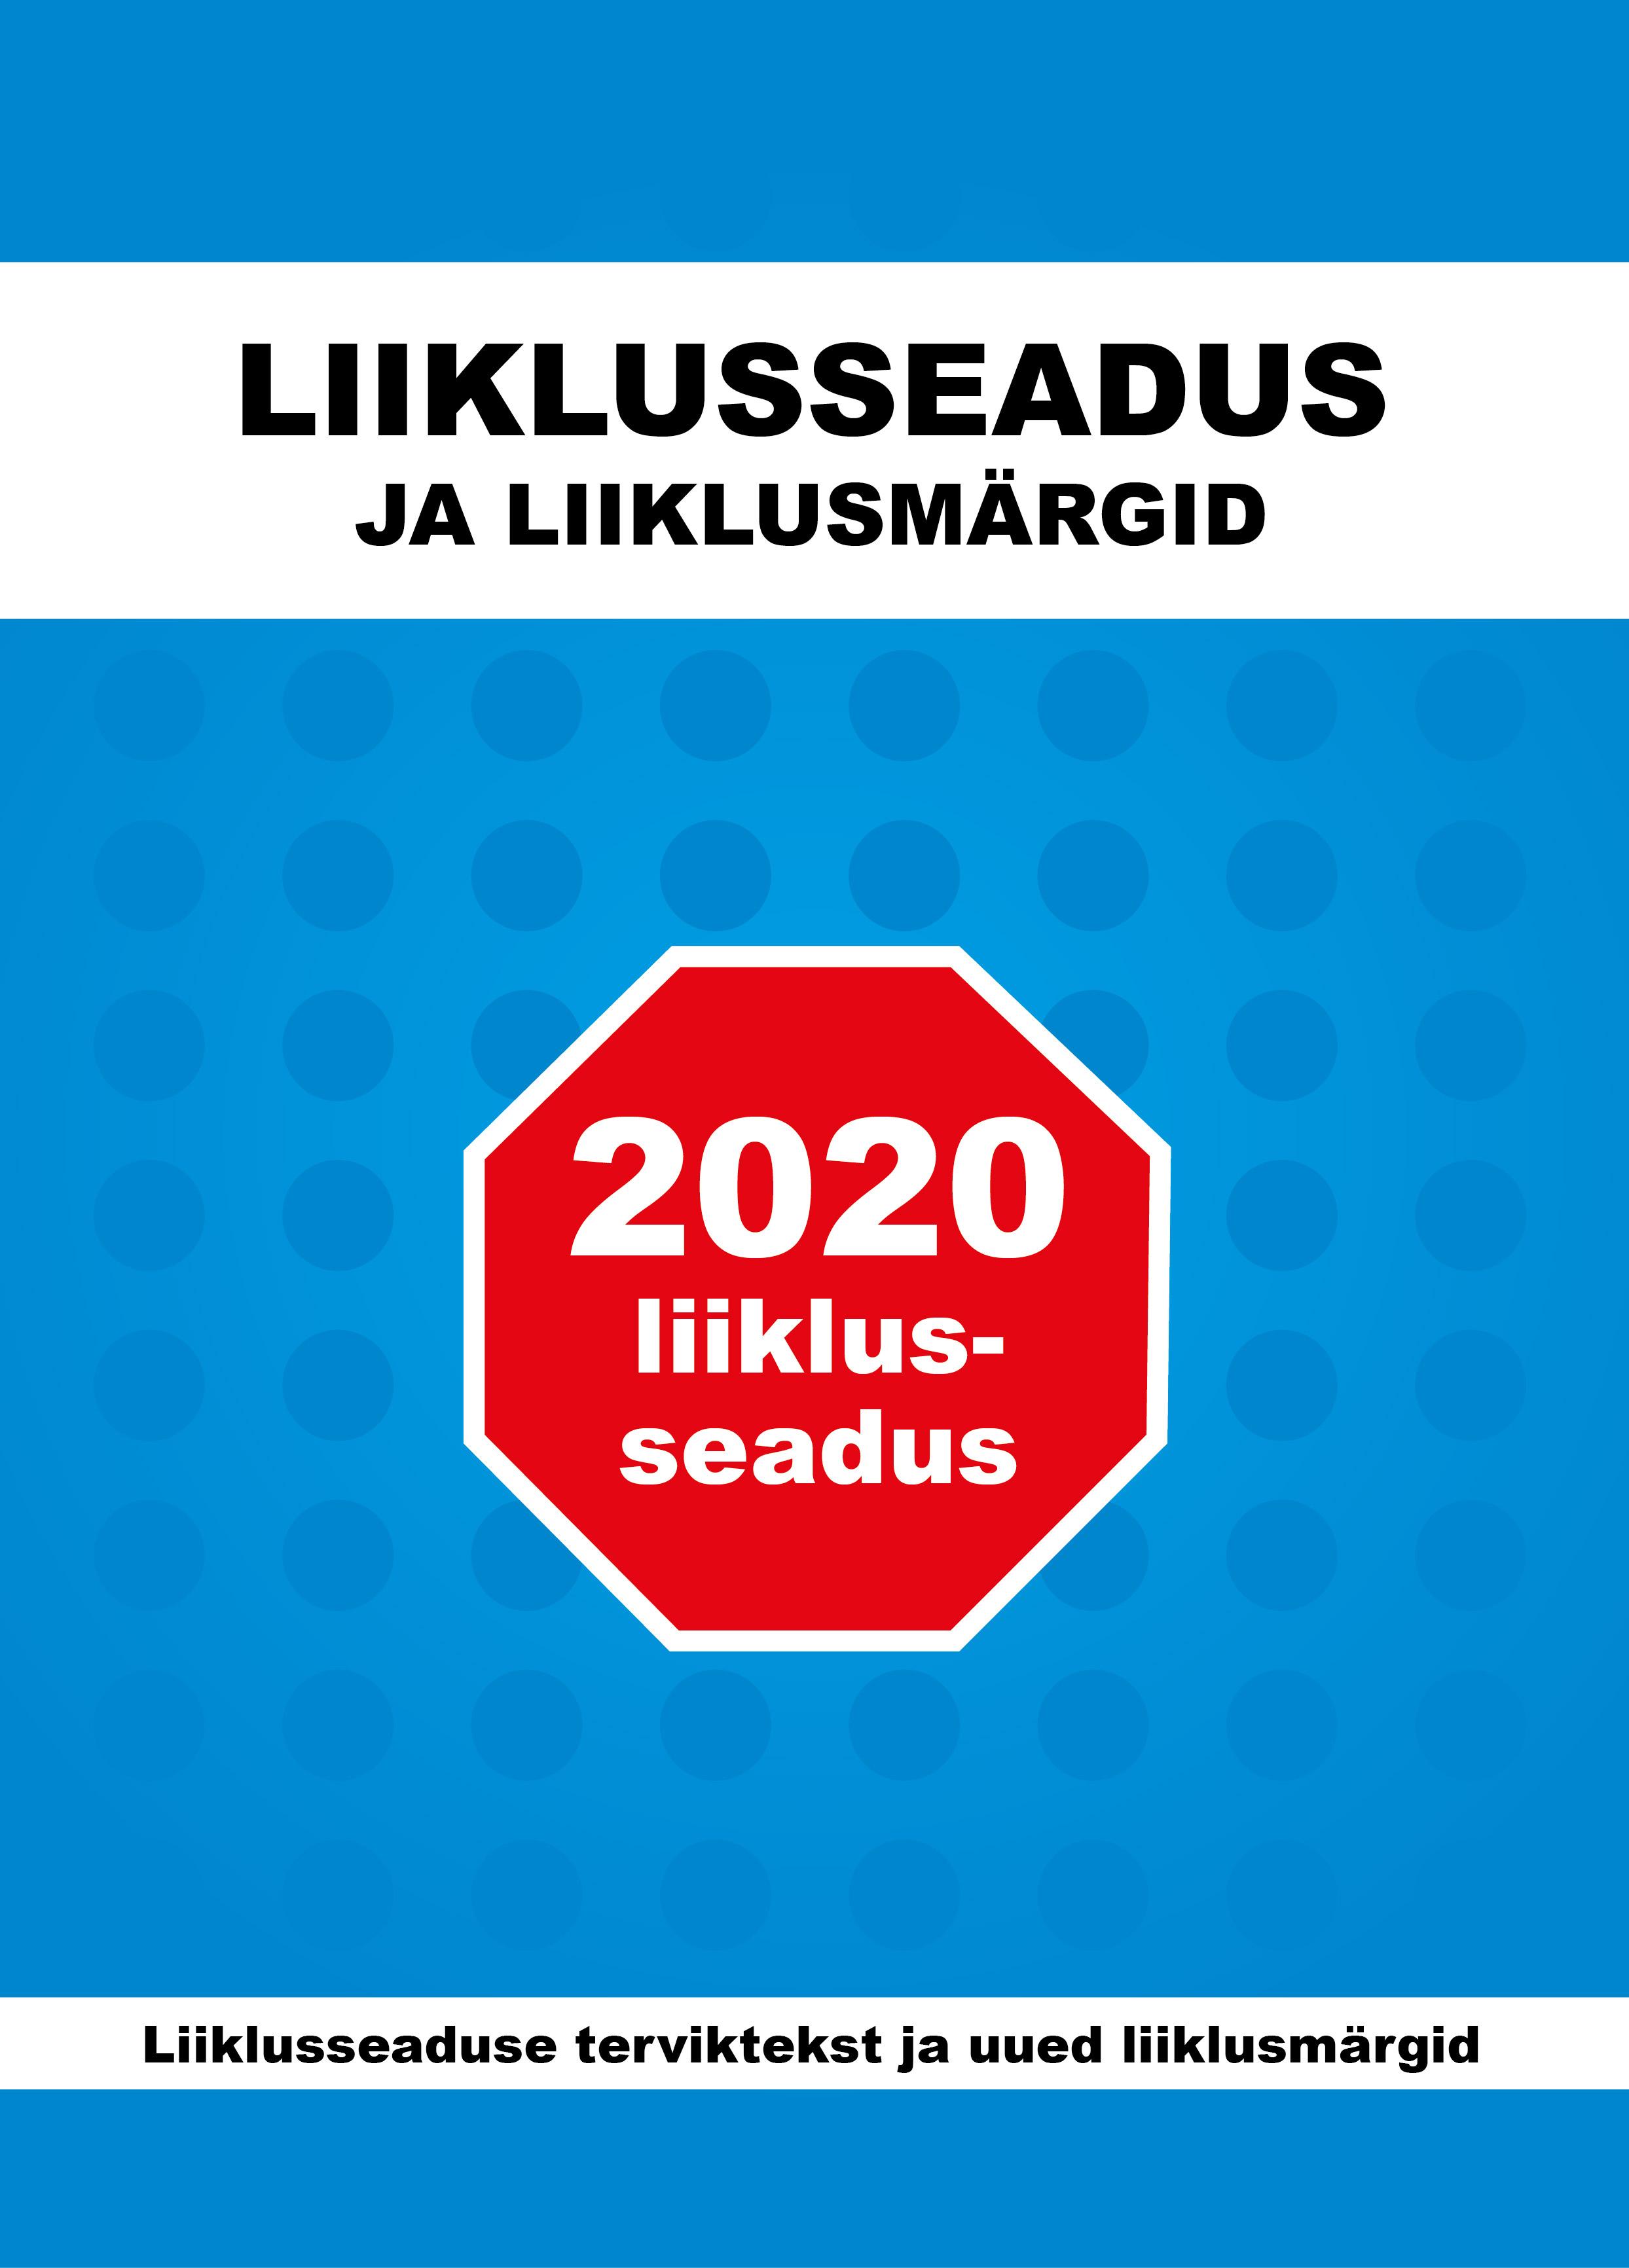 Liiklusseadus ja liiklusmärgid 2020